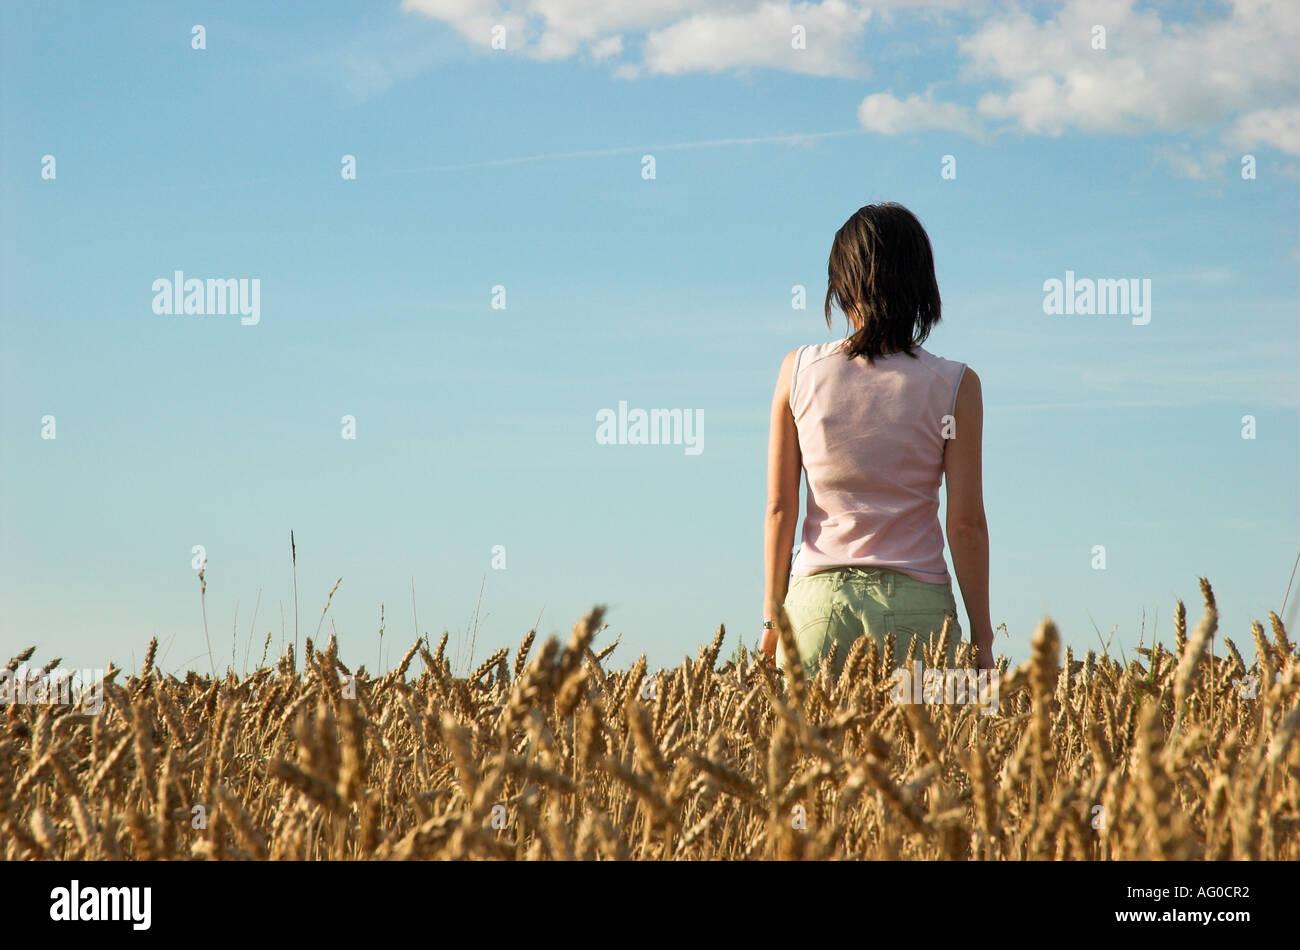 Mujer joven en el campo de trigo mirando a distancia Imagen De Stock